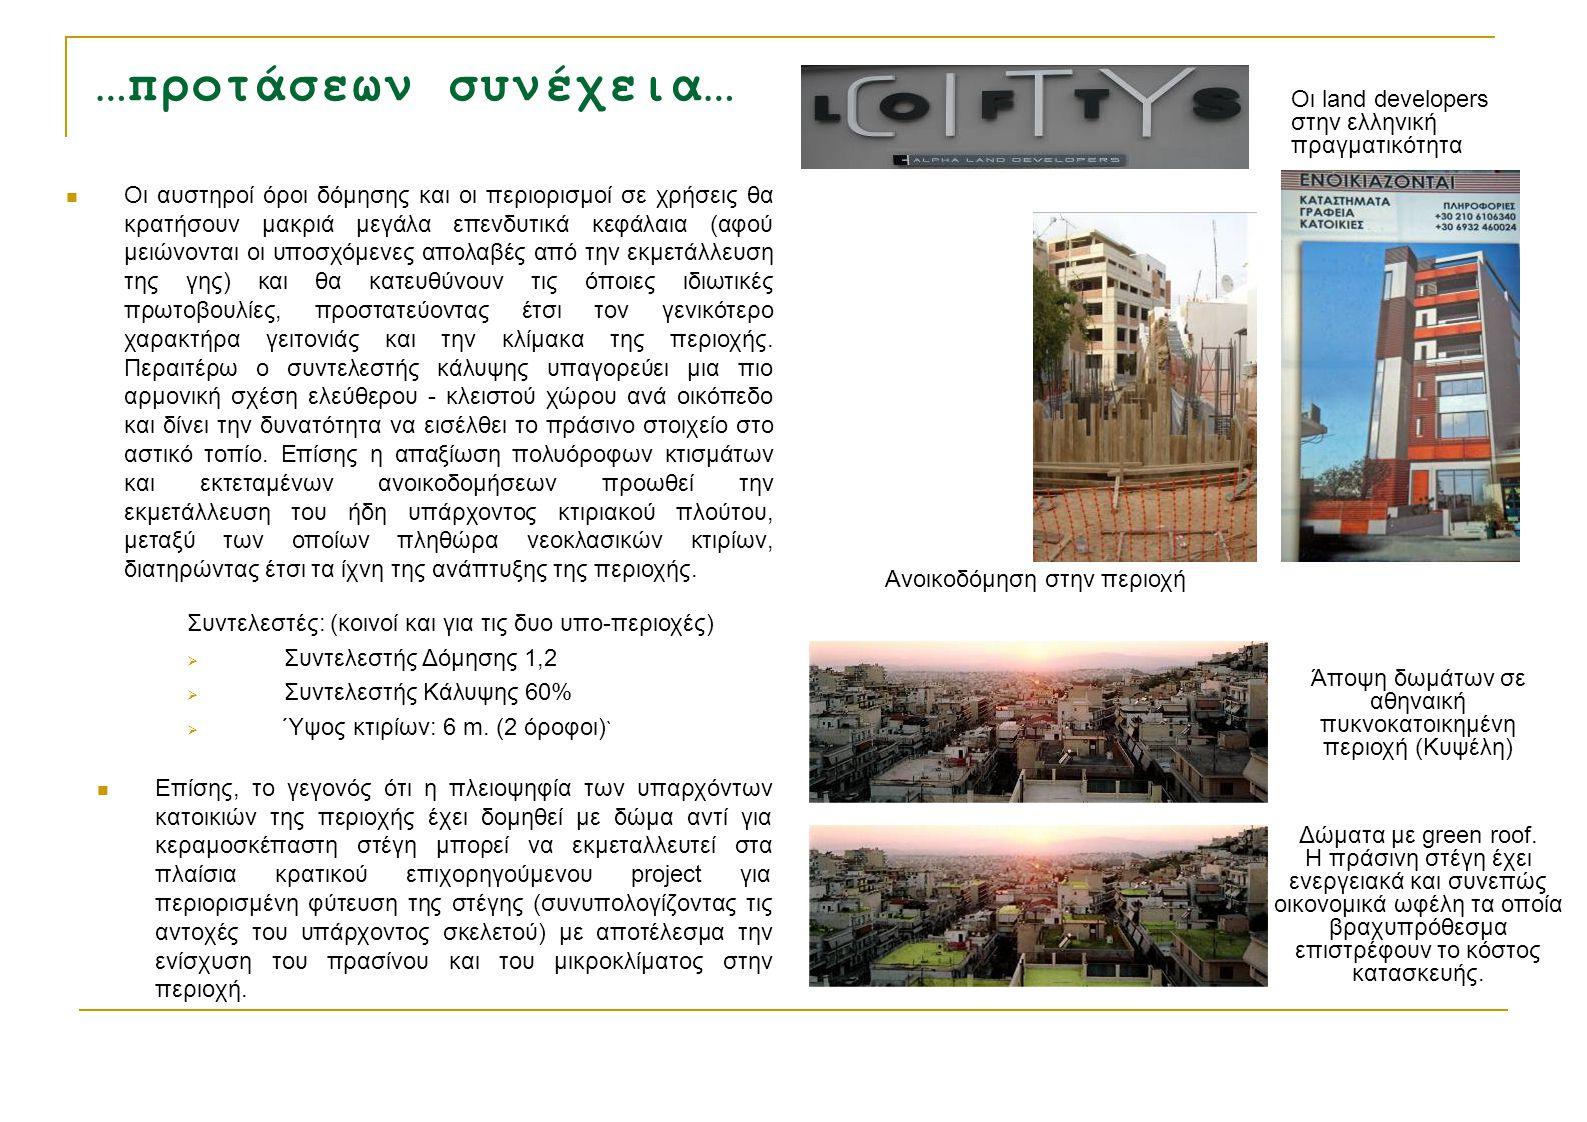 Άποψη δωμάτων σε αθηναική πυκνοκατοικημένη περιοχή (Κυψέλη)